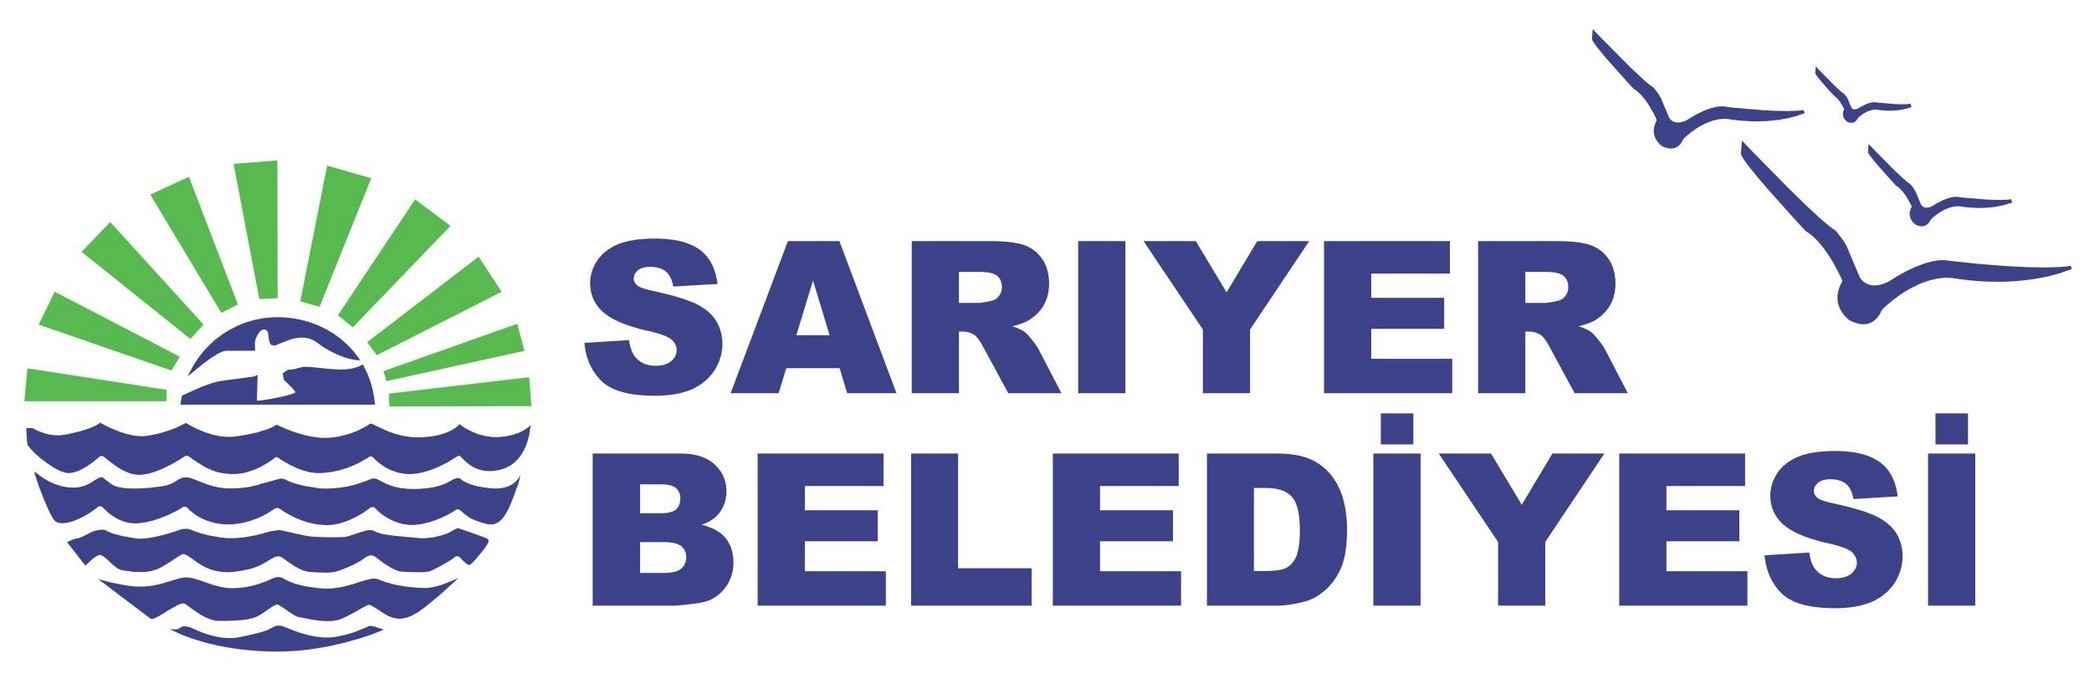 sariyer-belediyesi-logo1